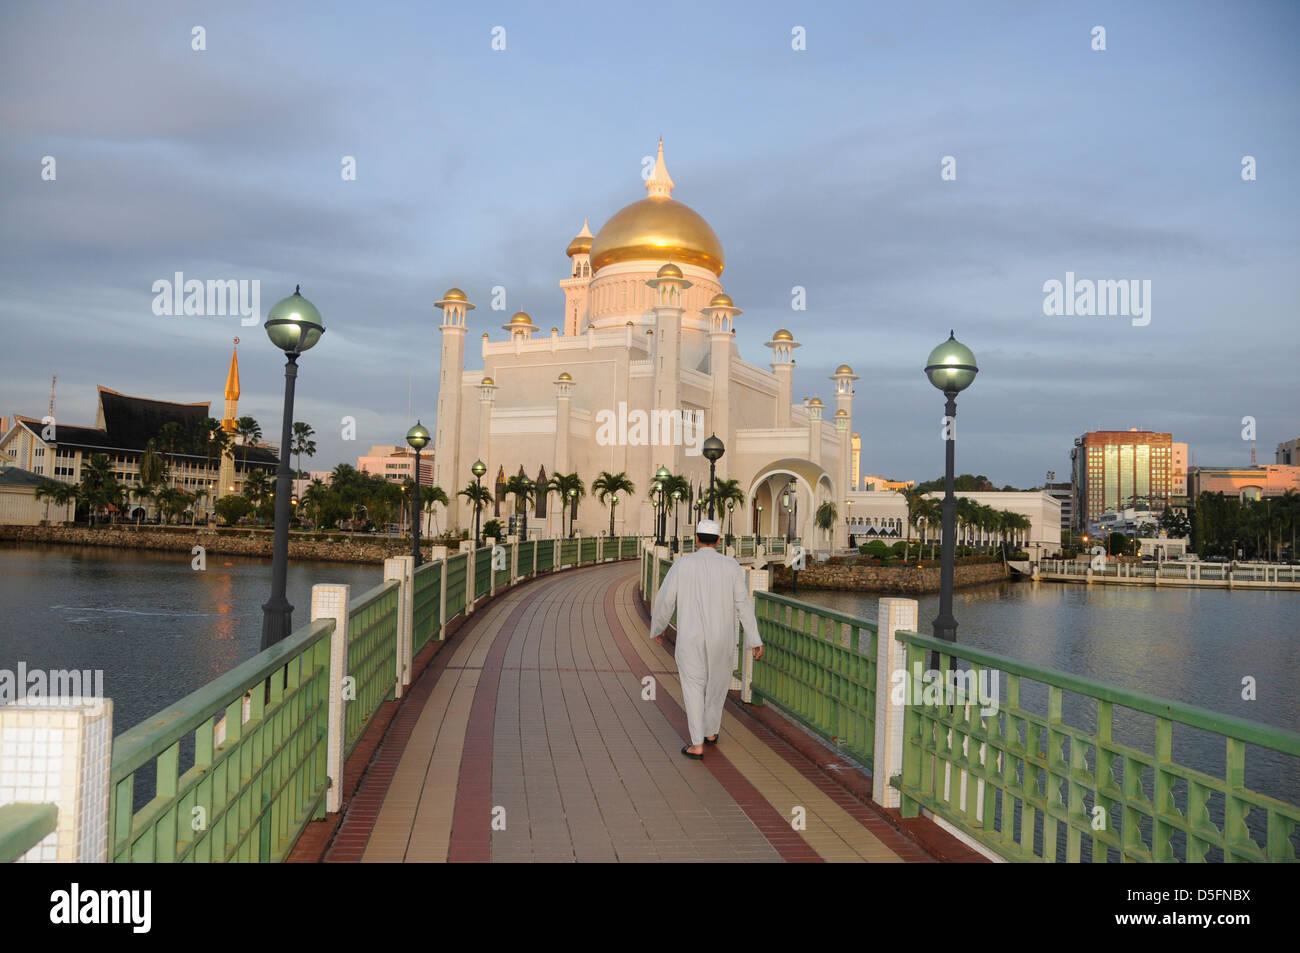 Attending service at Sultan Omar Ali Saifuddin Mosque, - Stock Image